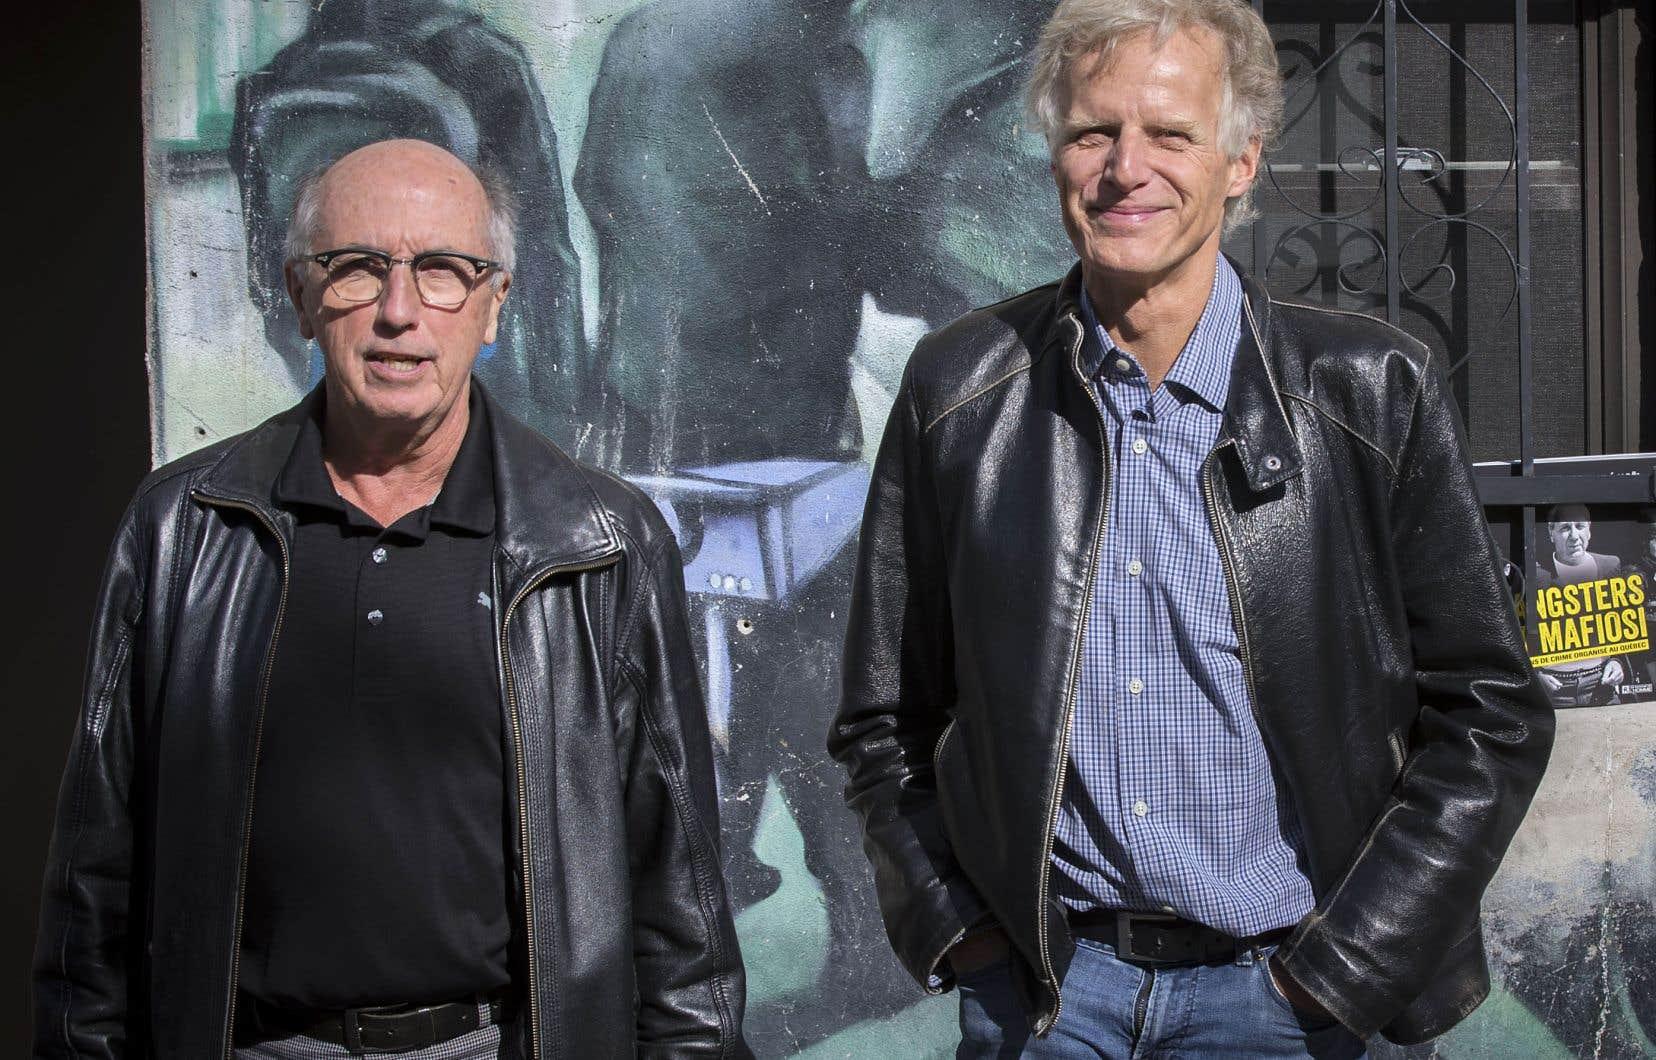 Les journalistes retraités André Cédillot et André Noël publient un ouvrage illustré sur le crime organisé à Montréal.